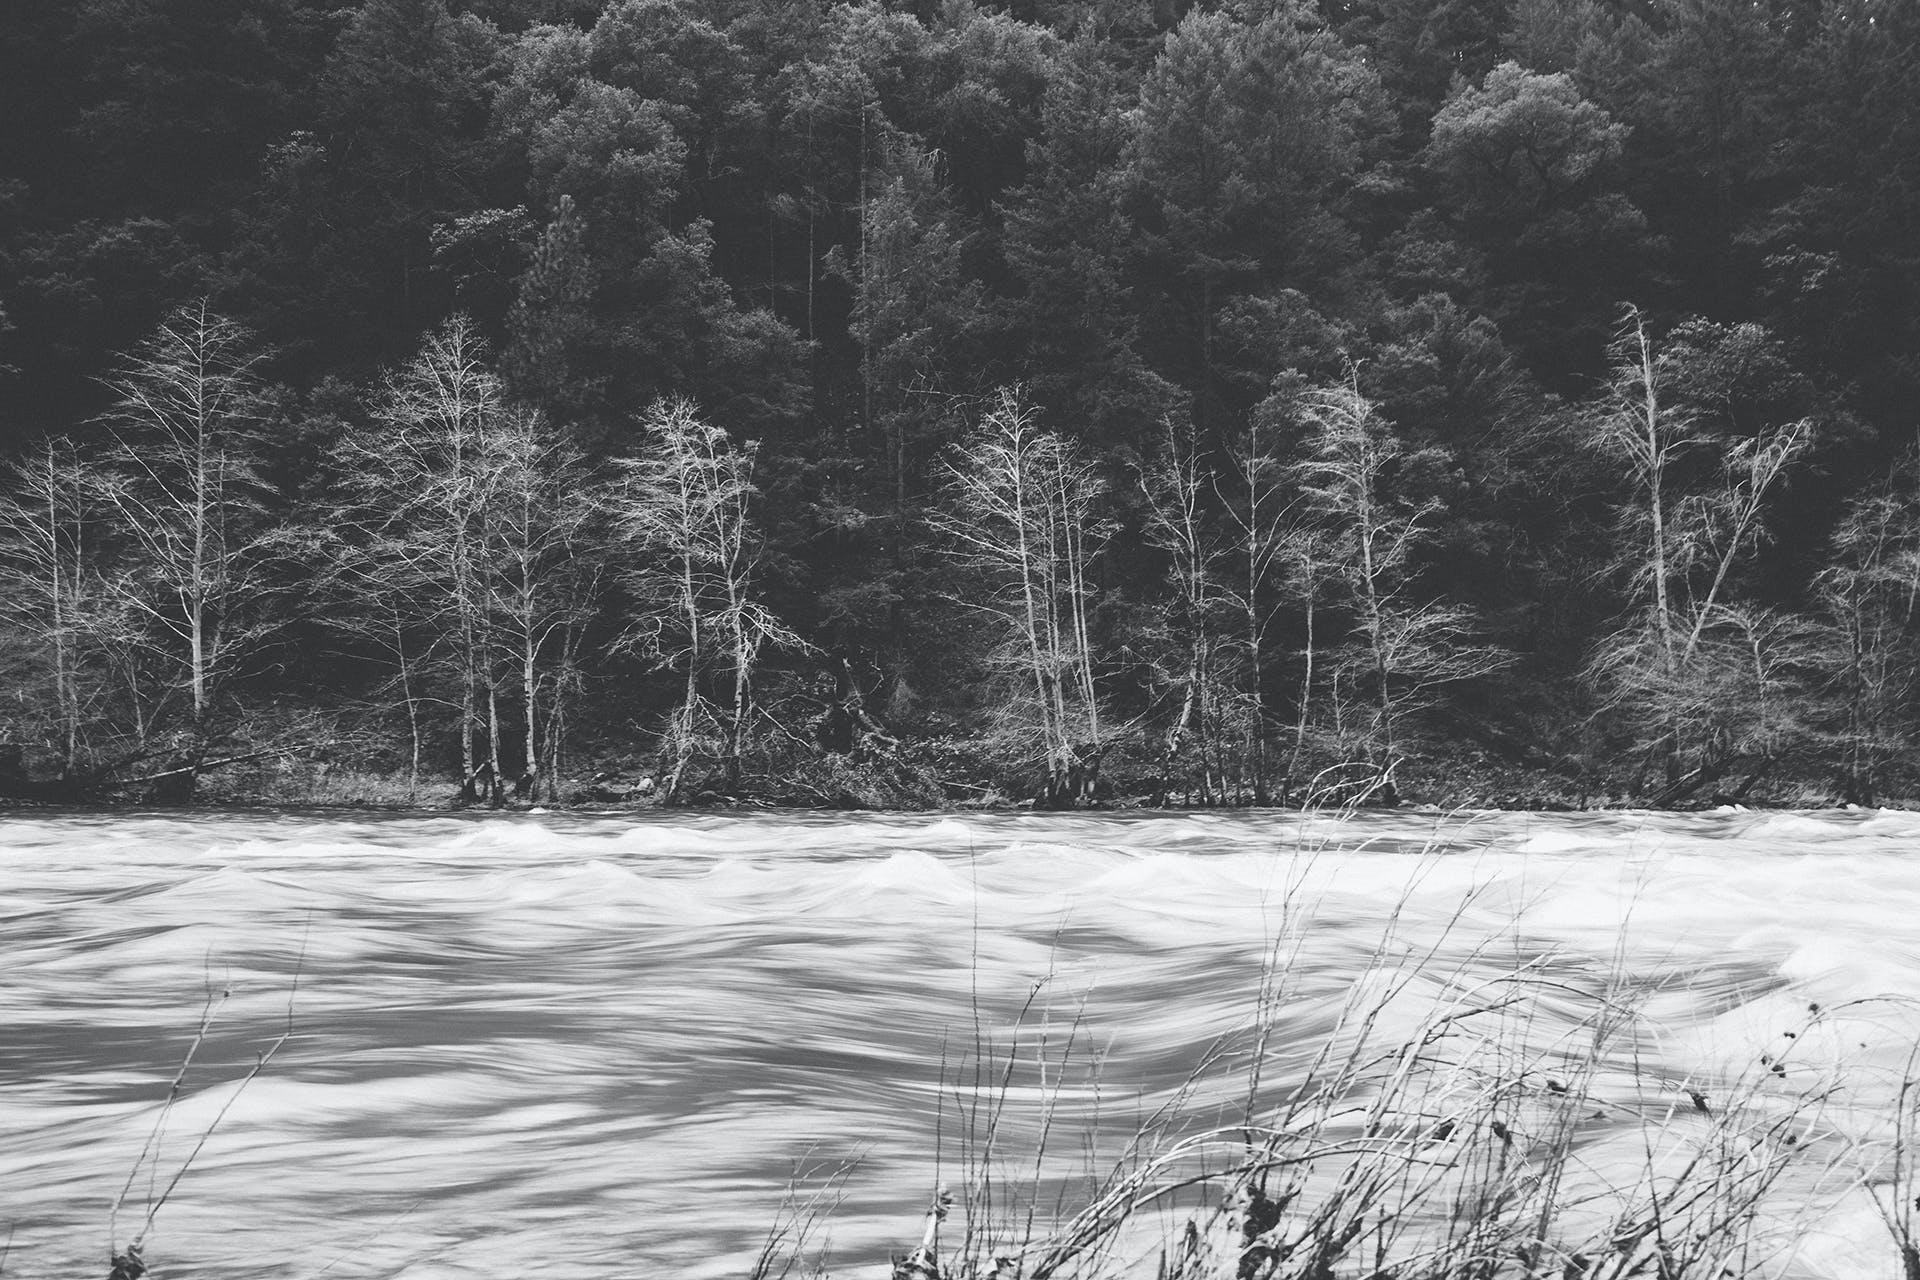 冬季, 冰, 森林, 樹木 的 免费素材照片